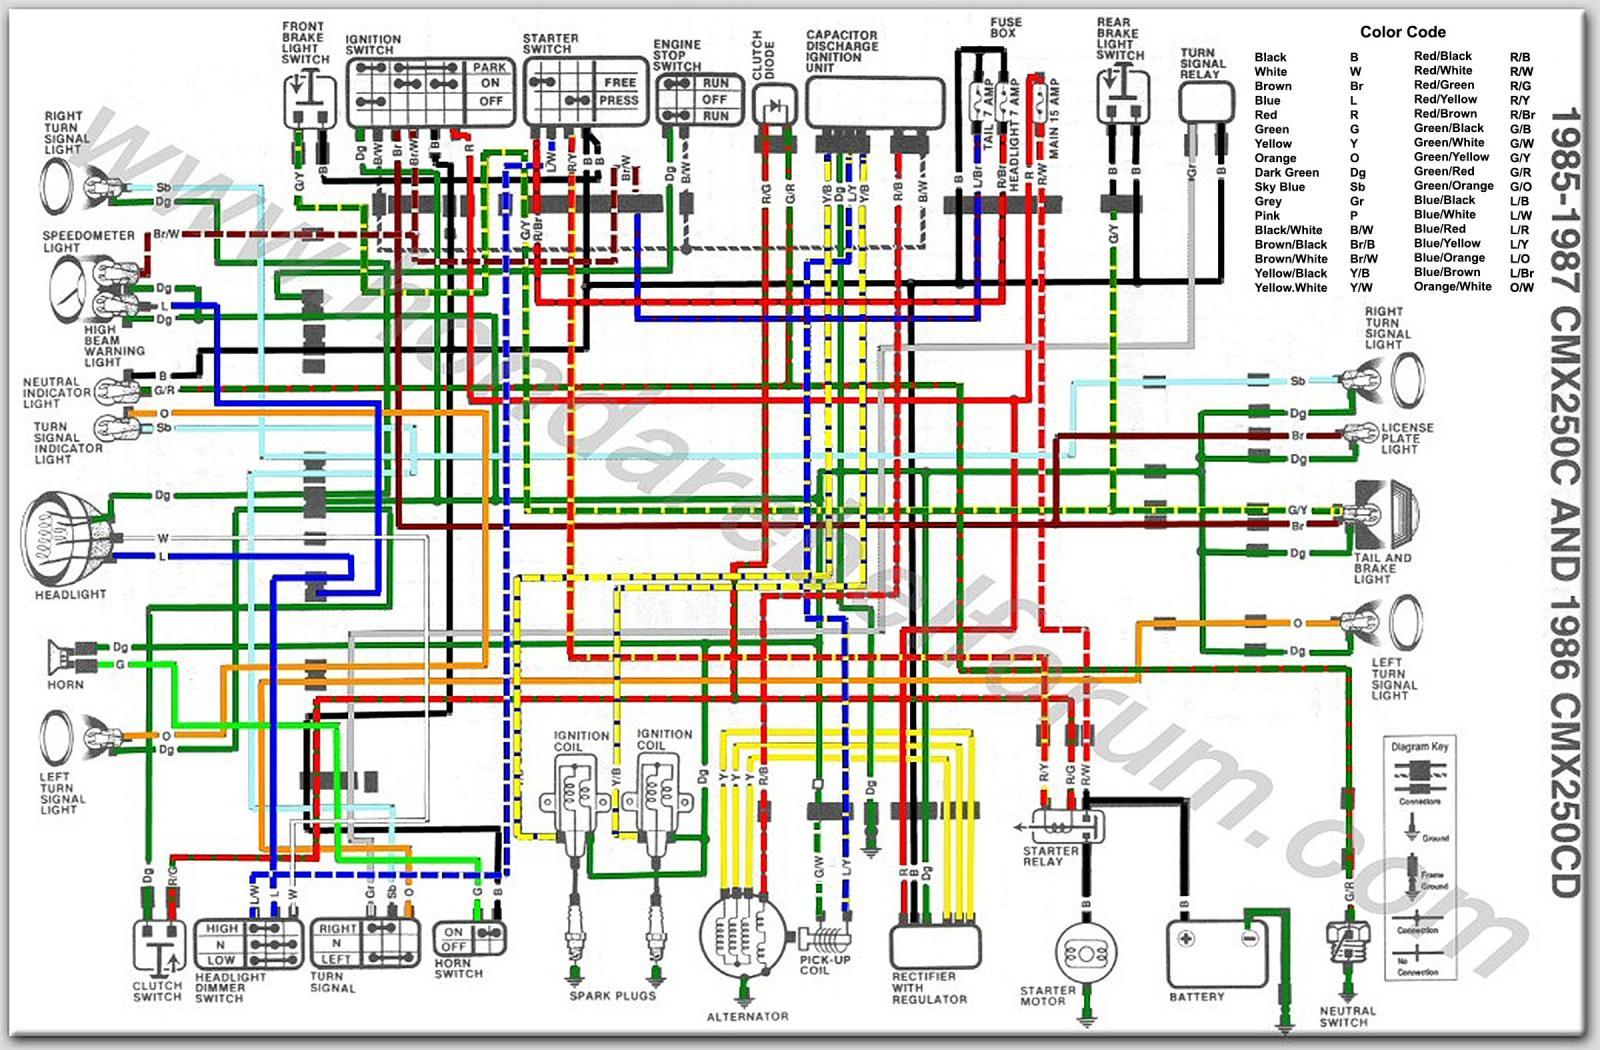 [FPWZ_2684]  Confusion - CDI/Gen 1/Gen 2 | Honda Rebel Forum | Rebel Wiring Diagram |  | Honda Rebel Forum